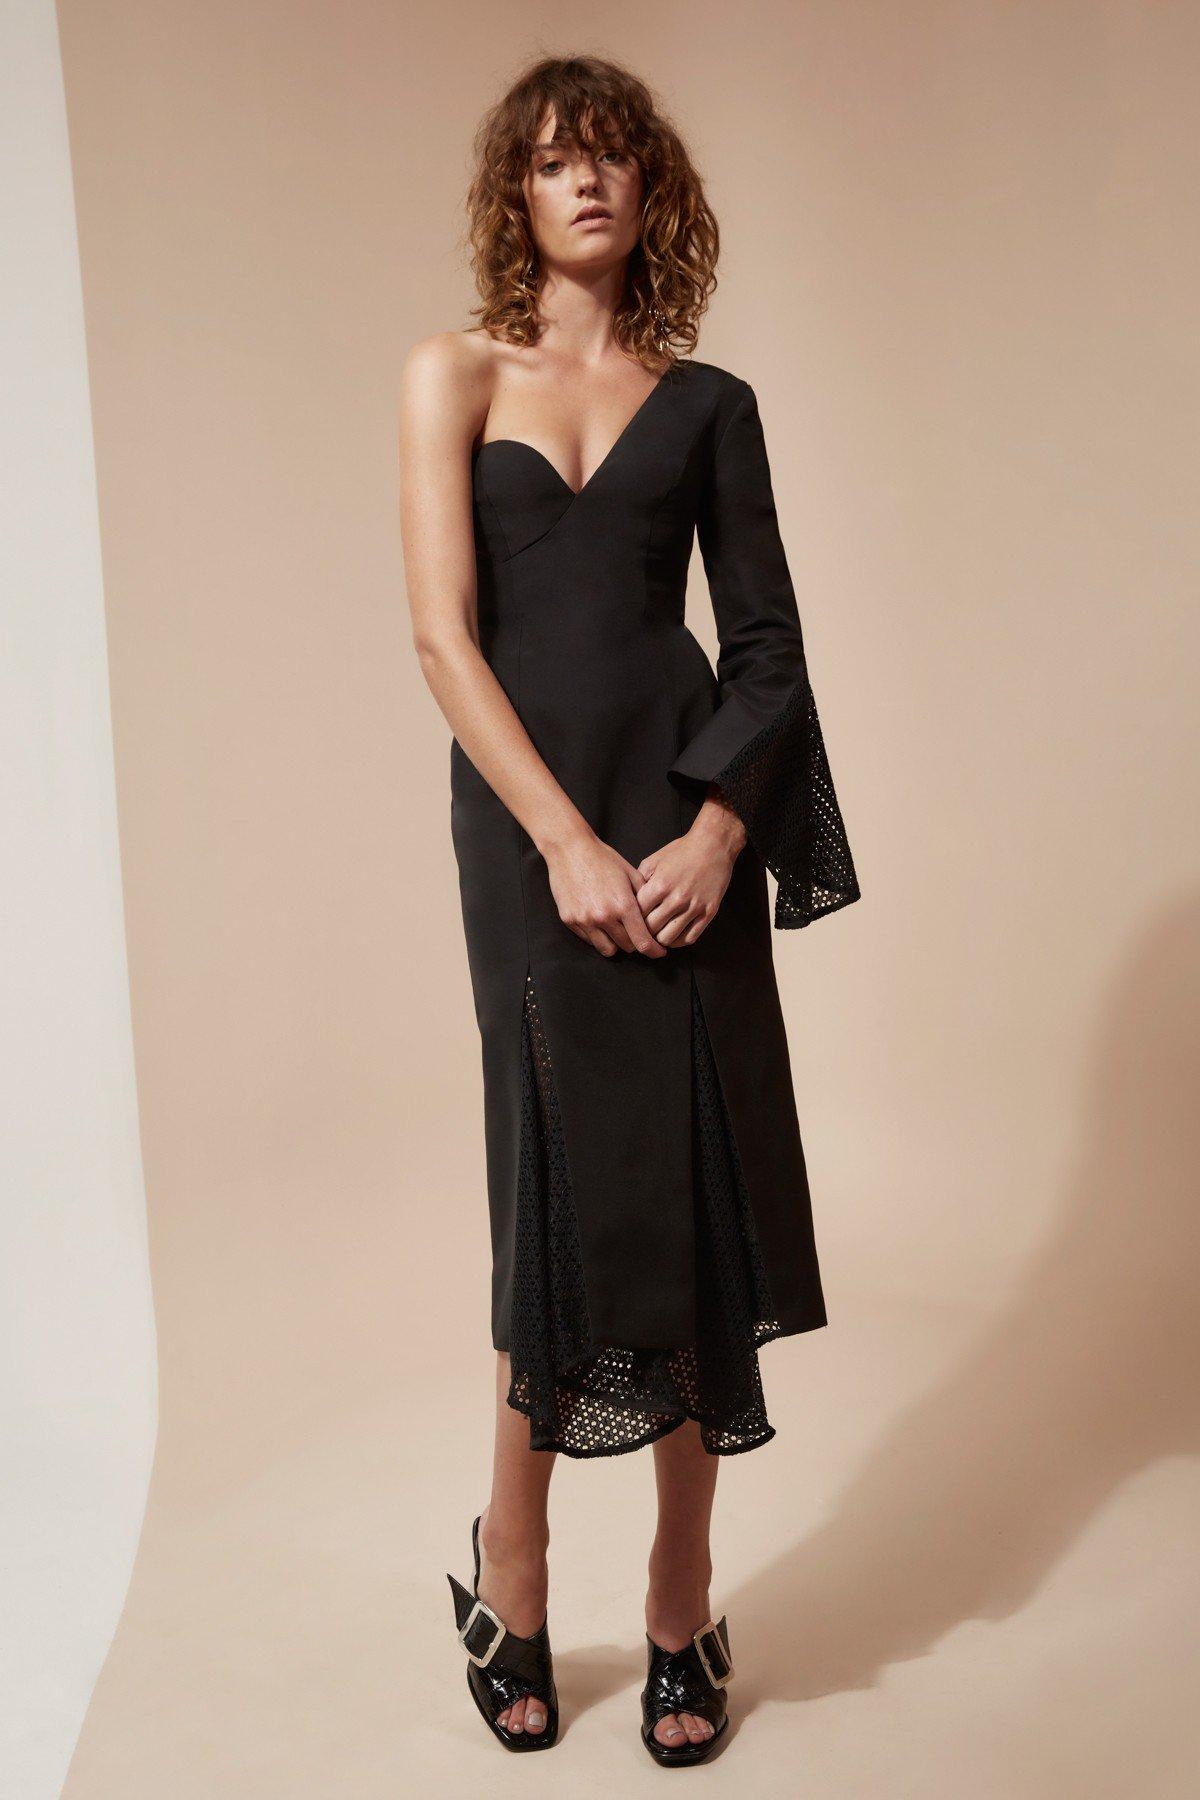 Shop C/MEO Aspire Dress.